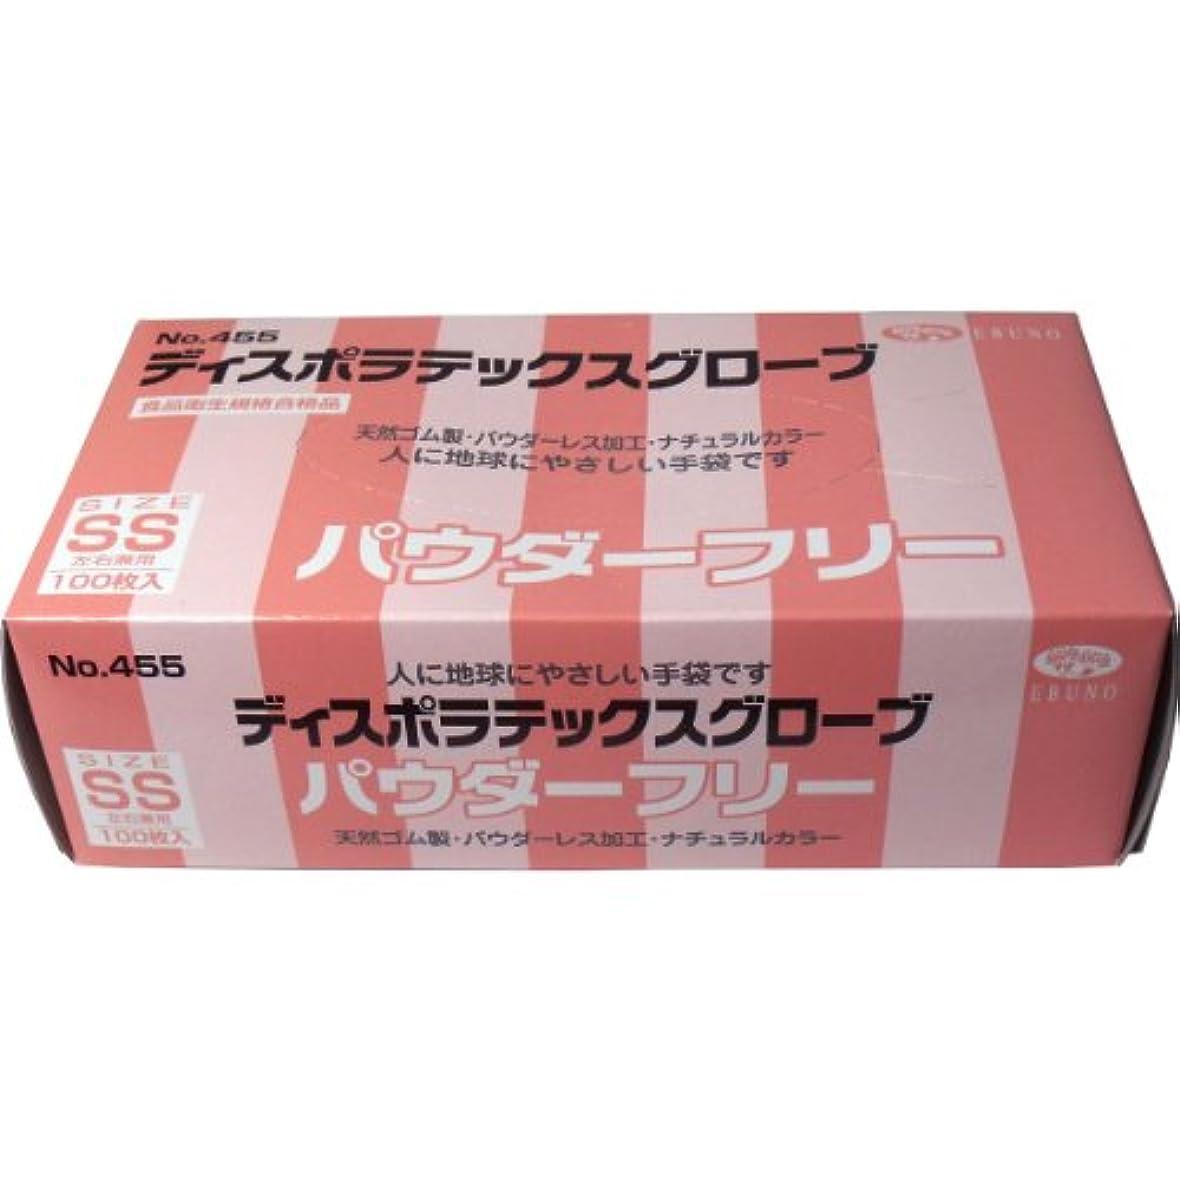 パケット田舎ジュニアディスポ ラテックスグローブ(天然ゴム手袋) パウダーフリー SSサイズ 100枚入(単品)